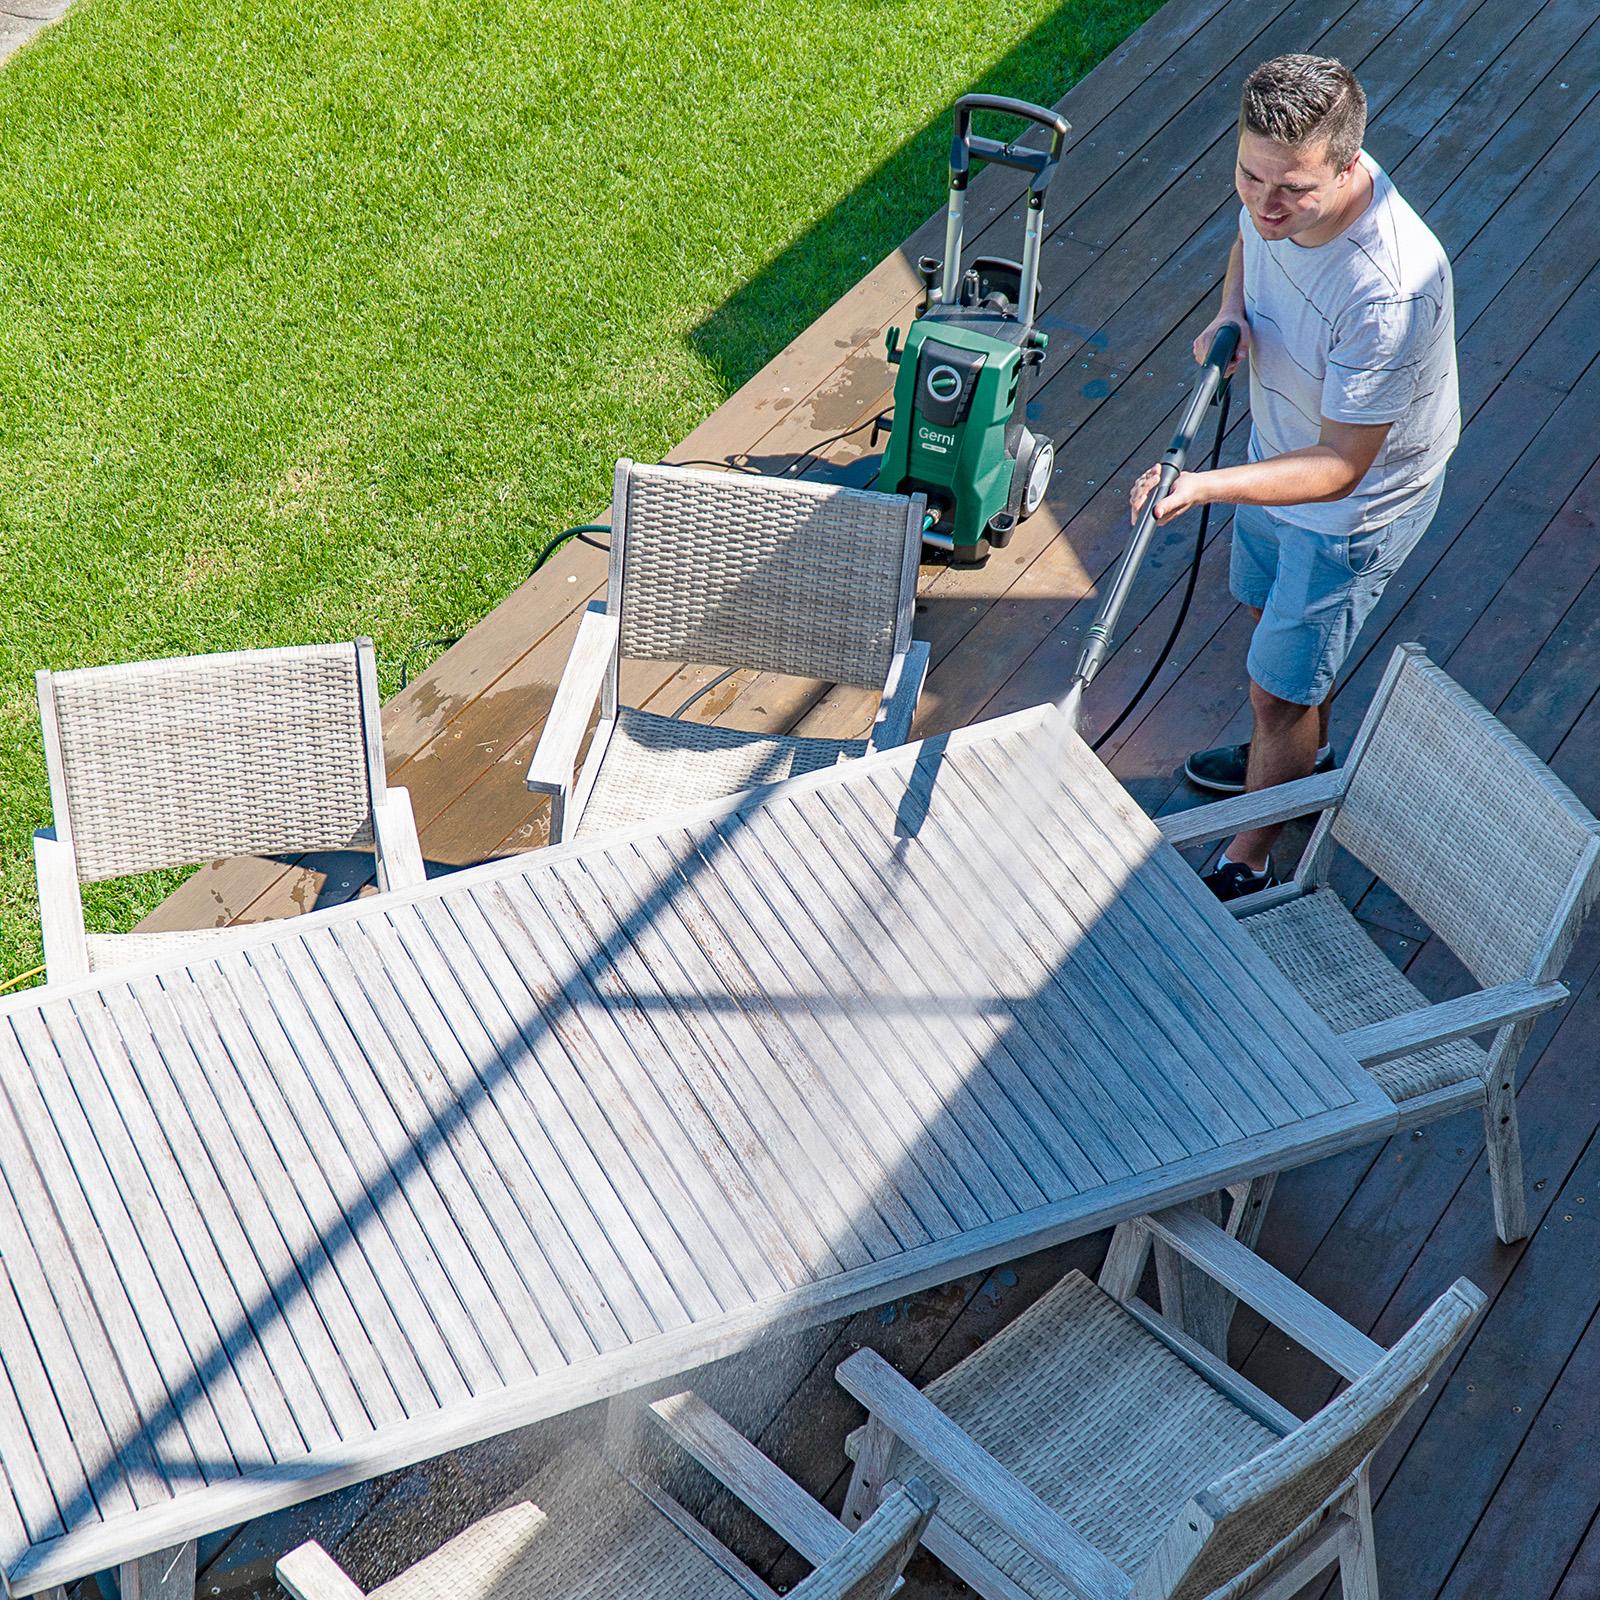 Gerni 5300 - Pressure Clean Outdoor Setting Furniture